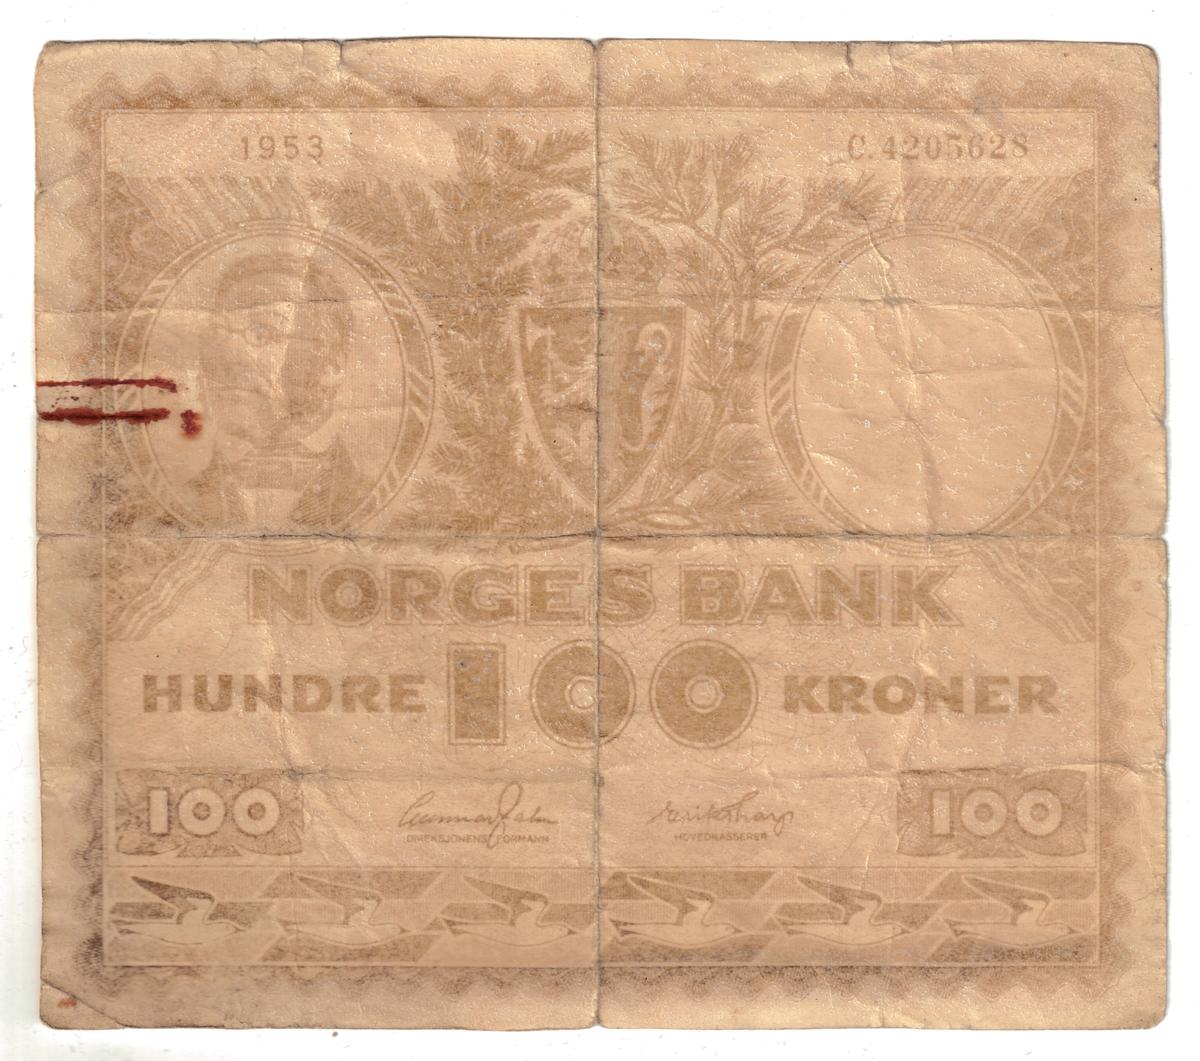 Falsk 100kr lapp merket 1953